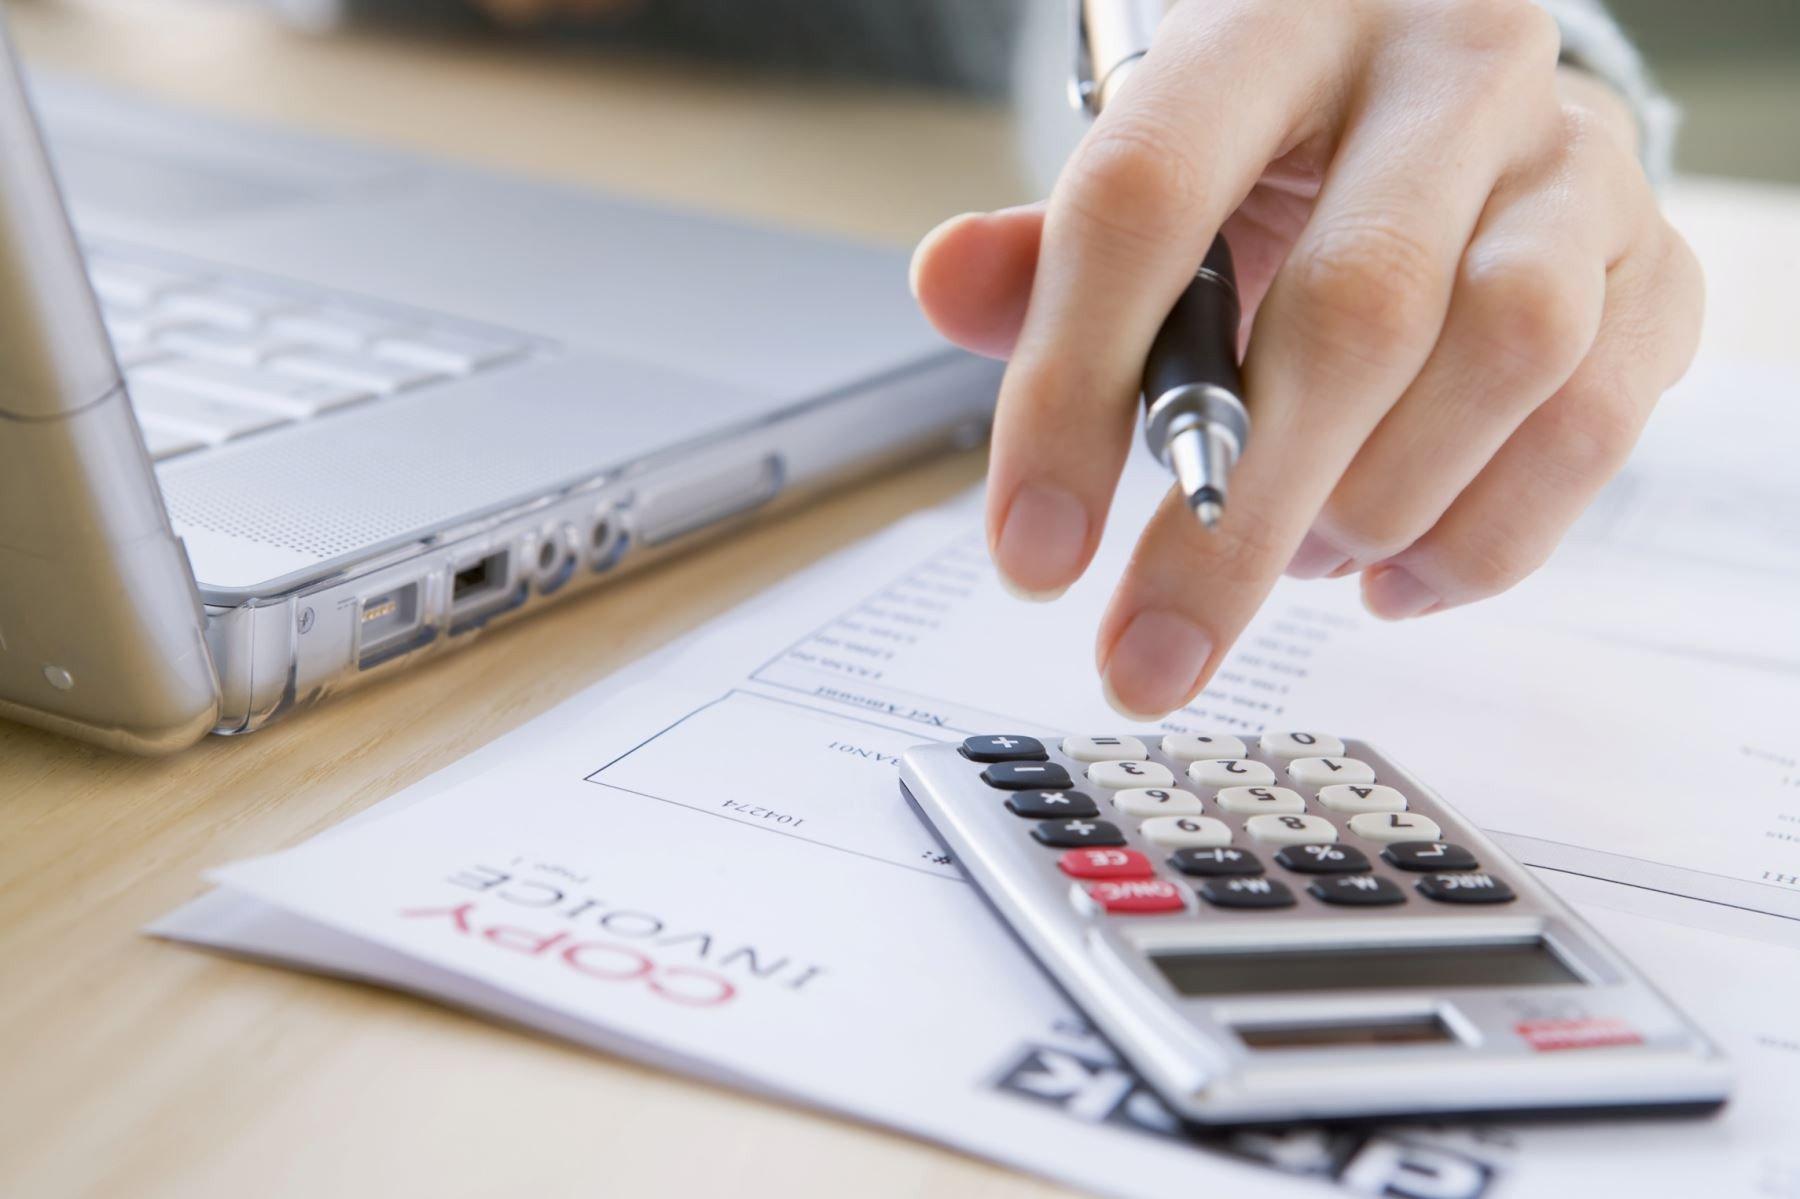 Tome la deducción completa de los intereses de la hipoteca antes de la nueva ley de impuestos